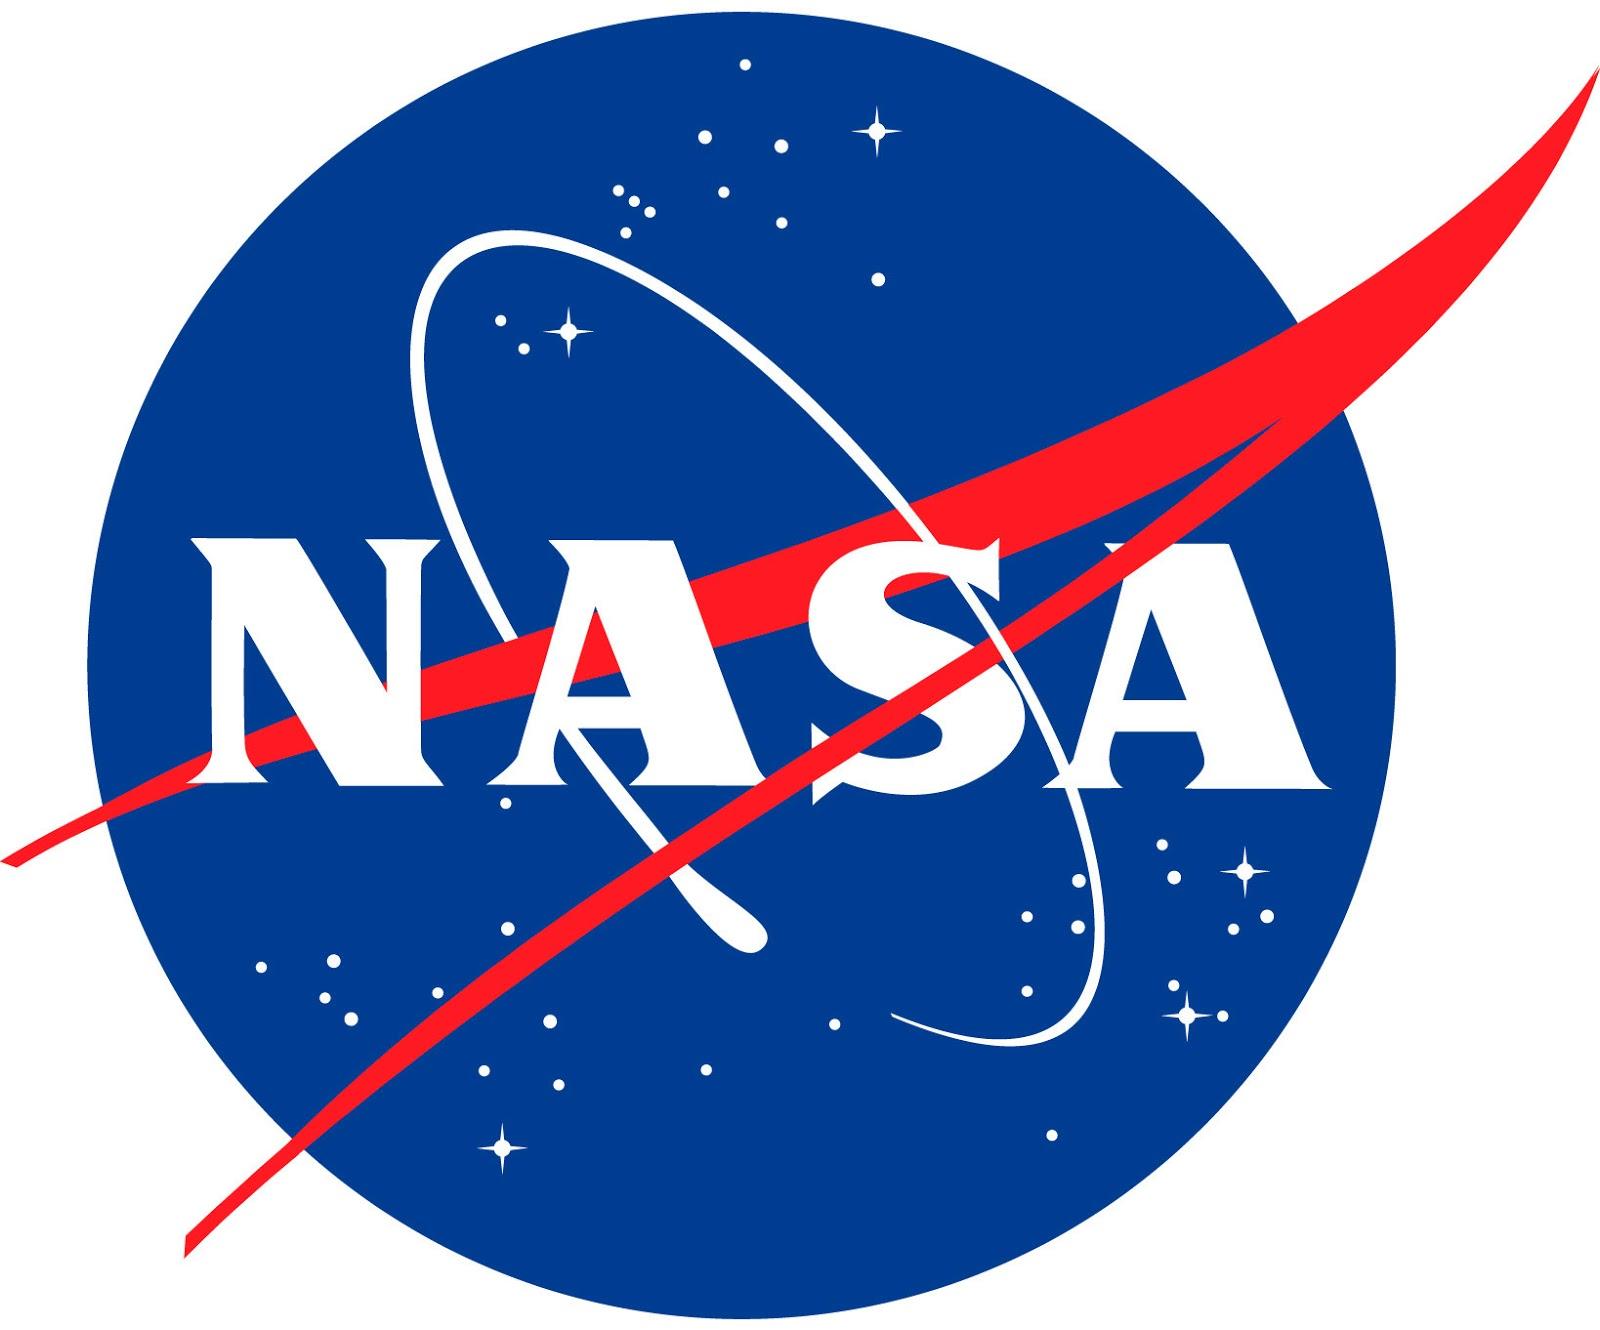 இவ்வாண்டோடு 50 வது ஆண்டுப் பூர்த்தியைக் கொண்டாடும் அமெரிக்கா விண்வெளி ஆராய்ச்சி நிறுவனமான நாசா (NASA) சாதித்தவை இங்கு இணைப்பில் தரப்பட்டுள்ளன. இப்படத்தின் மீது அழுத்தி நோக்குங்கள்.